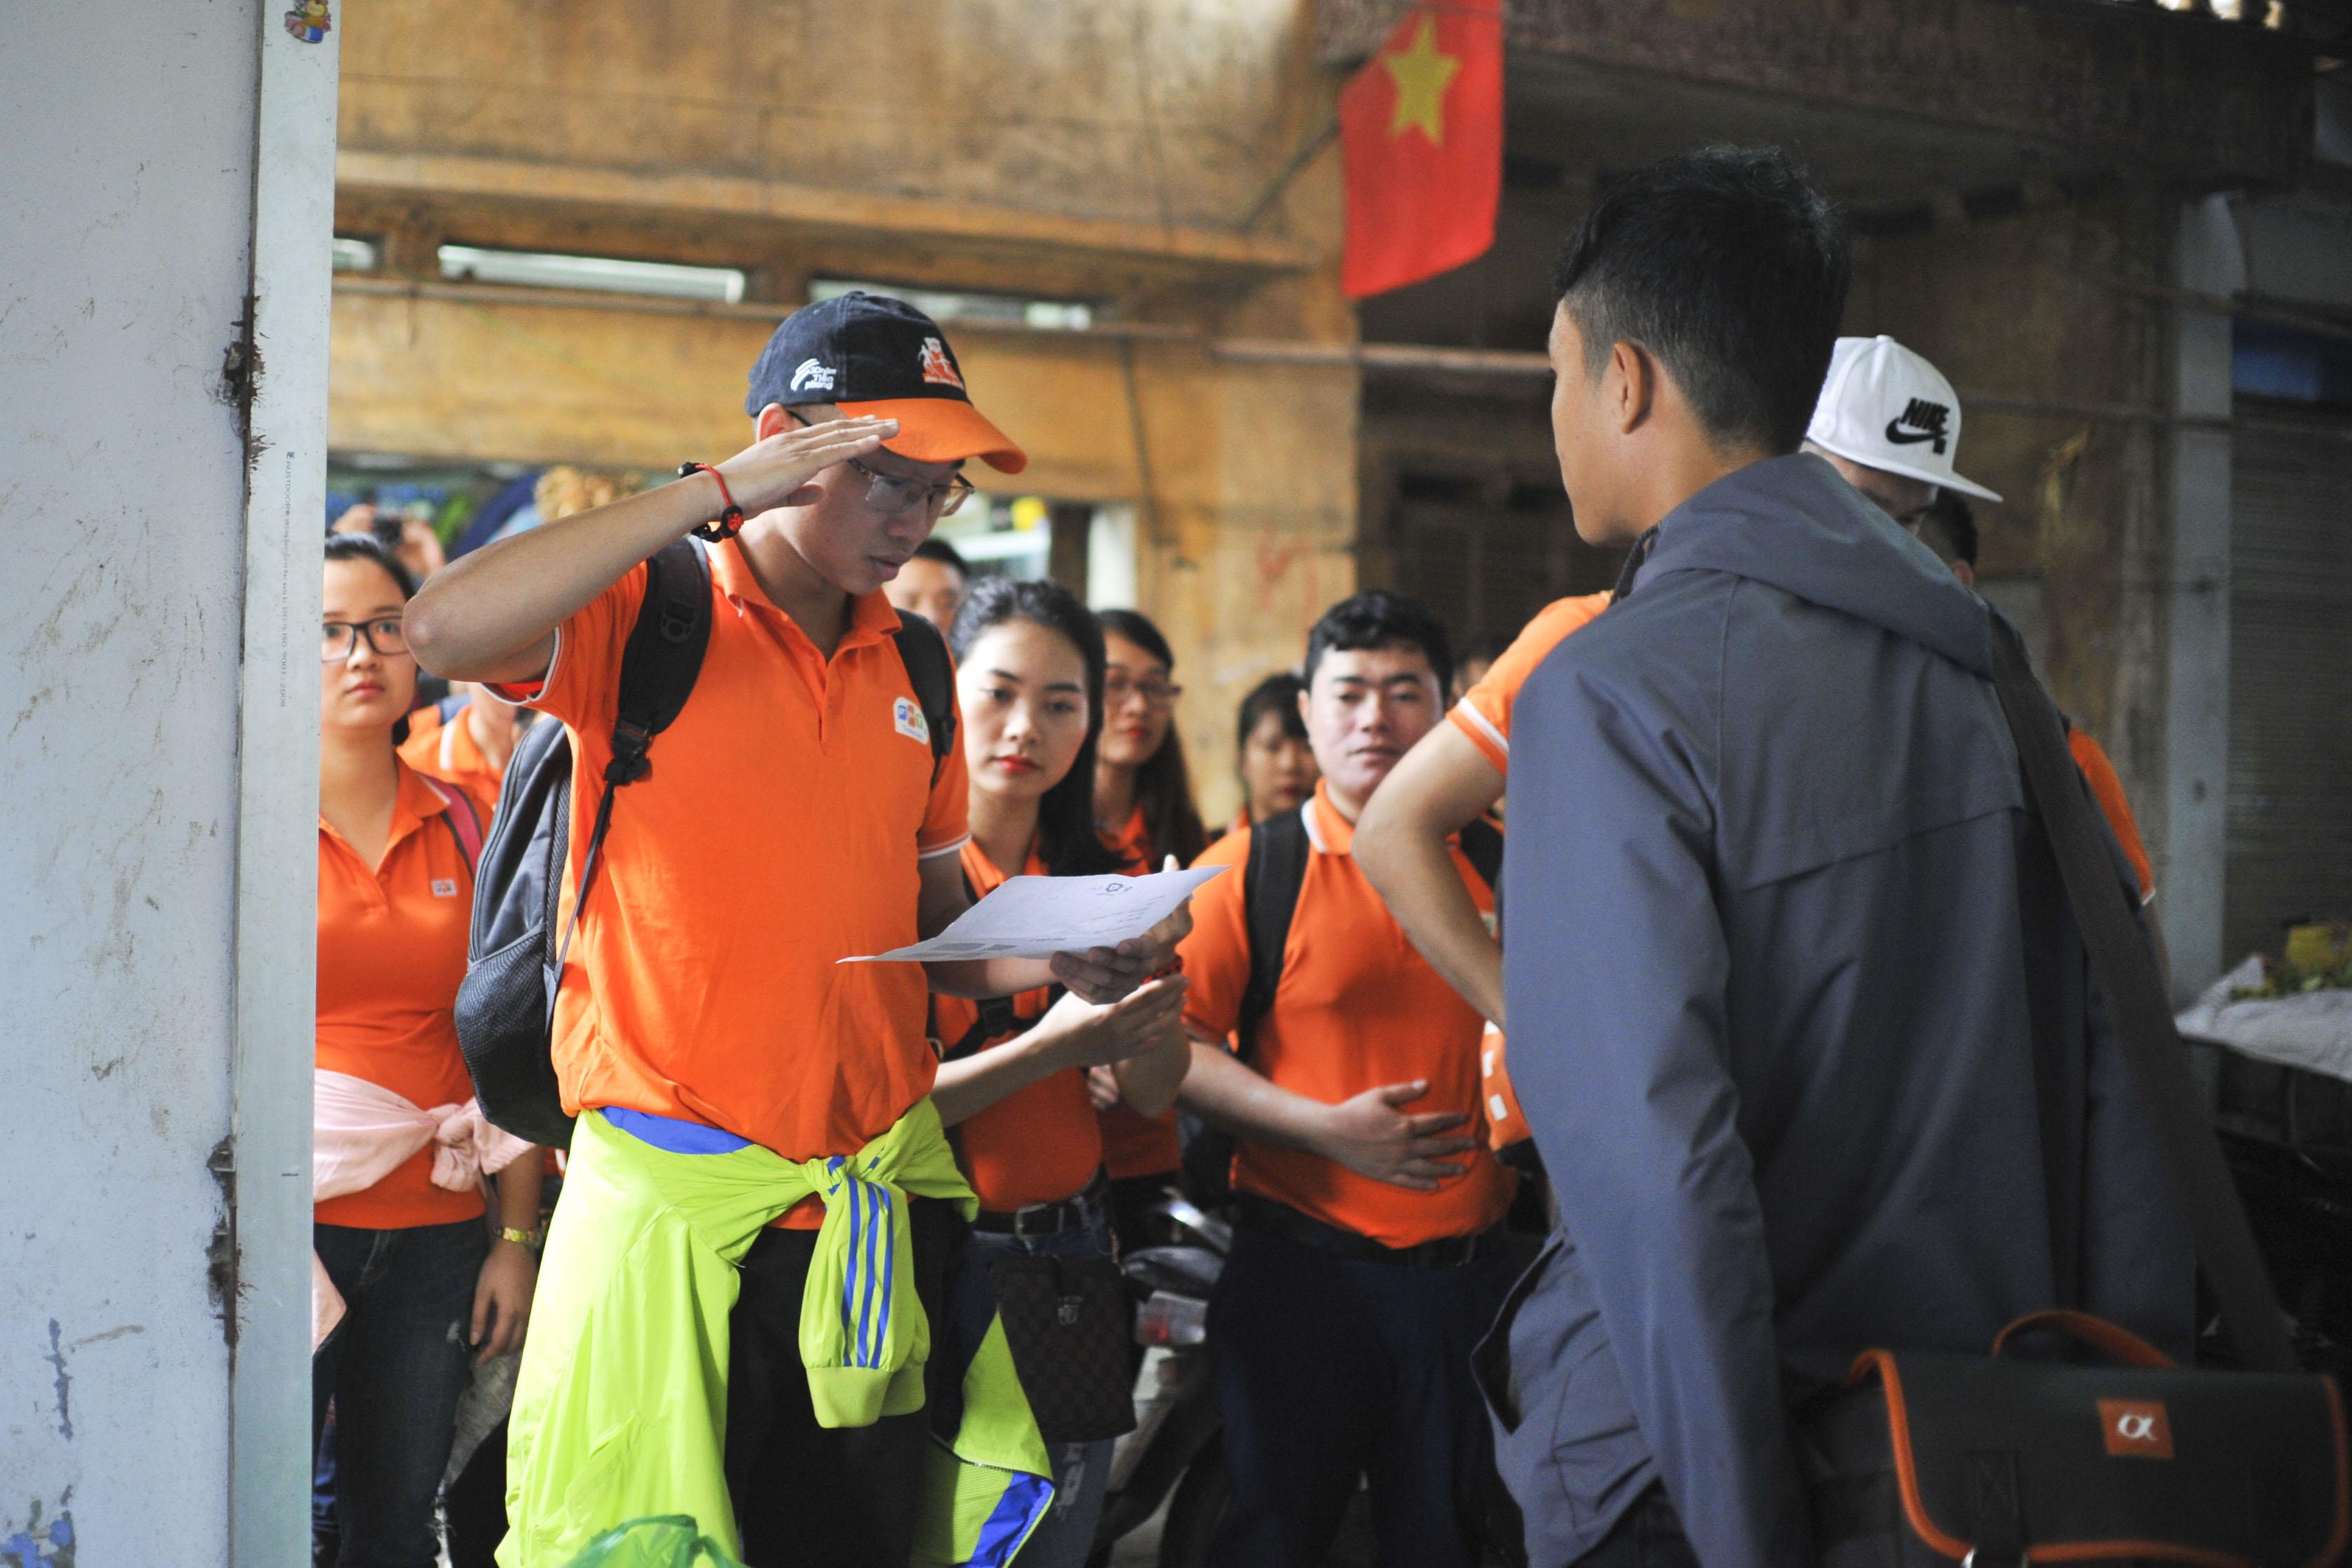 Đội 1 và đội 4 tiếp tục đồng hành cùng nhau trên chuyến xe bus đi tới địa điểm tiếp theo. Dù đang cạnh tranh khốc liệt nhưng các đội đều vui vẻ trò chuyện trong quá trình di chuyển. Ngược lại, đội 2 và đội 3 vẫn đang 'chật vật' tìm đáp án. Địa điểm lần này là chợ Yên – Mê Linh.